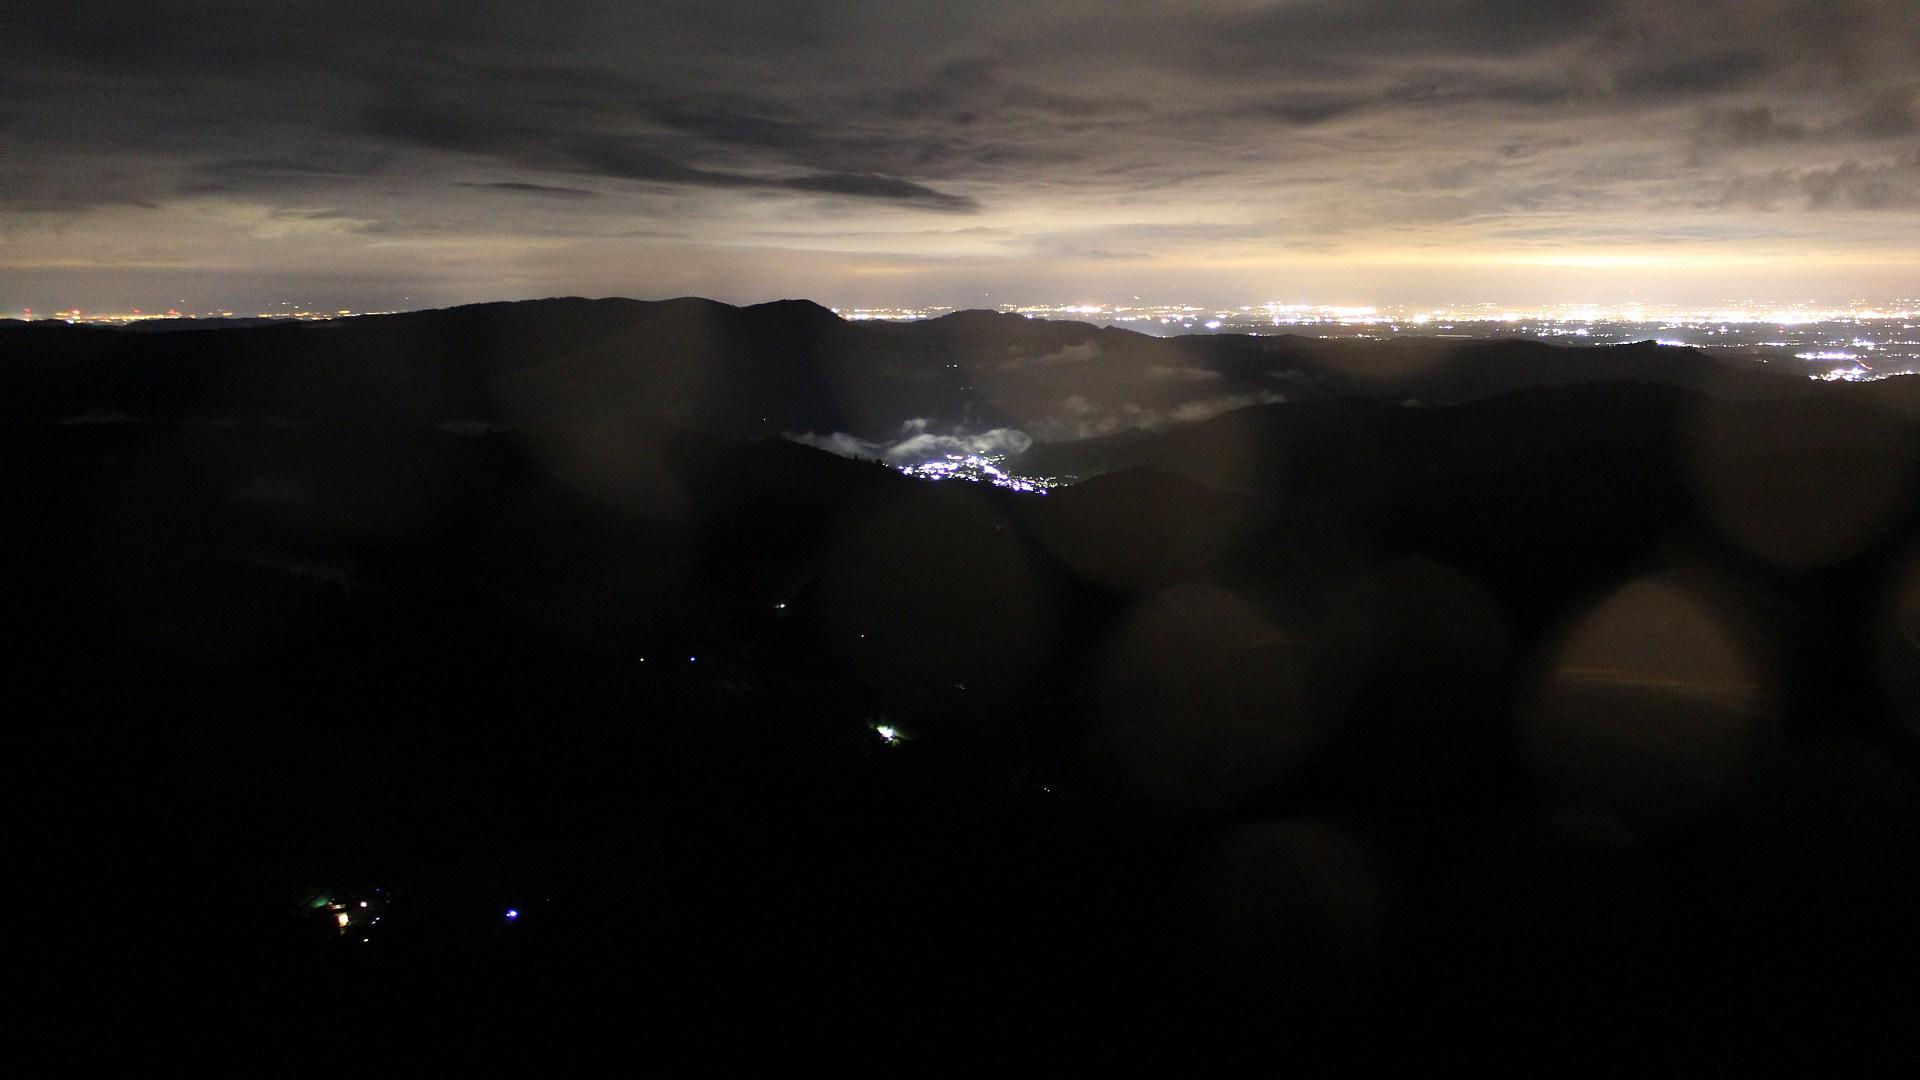 Aufnahme: Buchkopfturm vom 02.08.2021 02:00